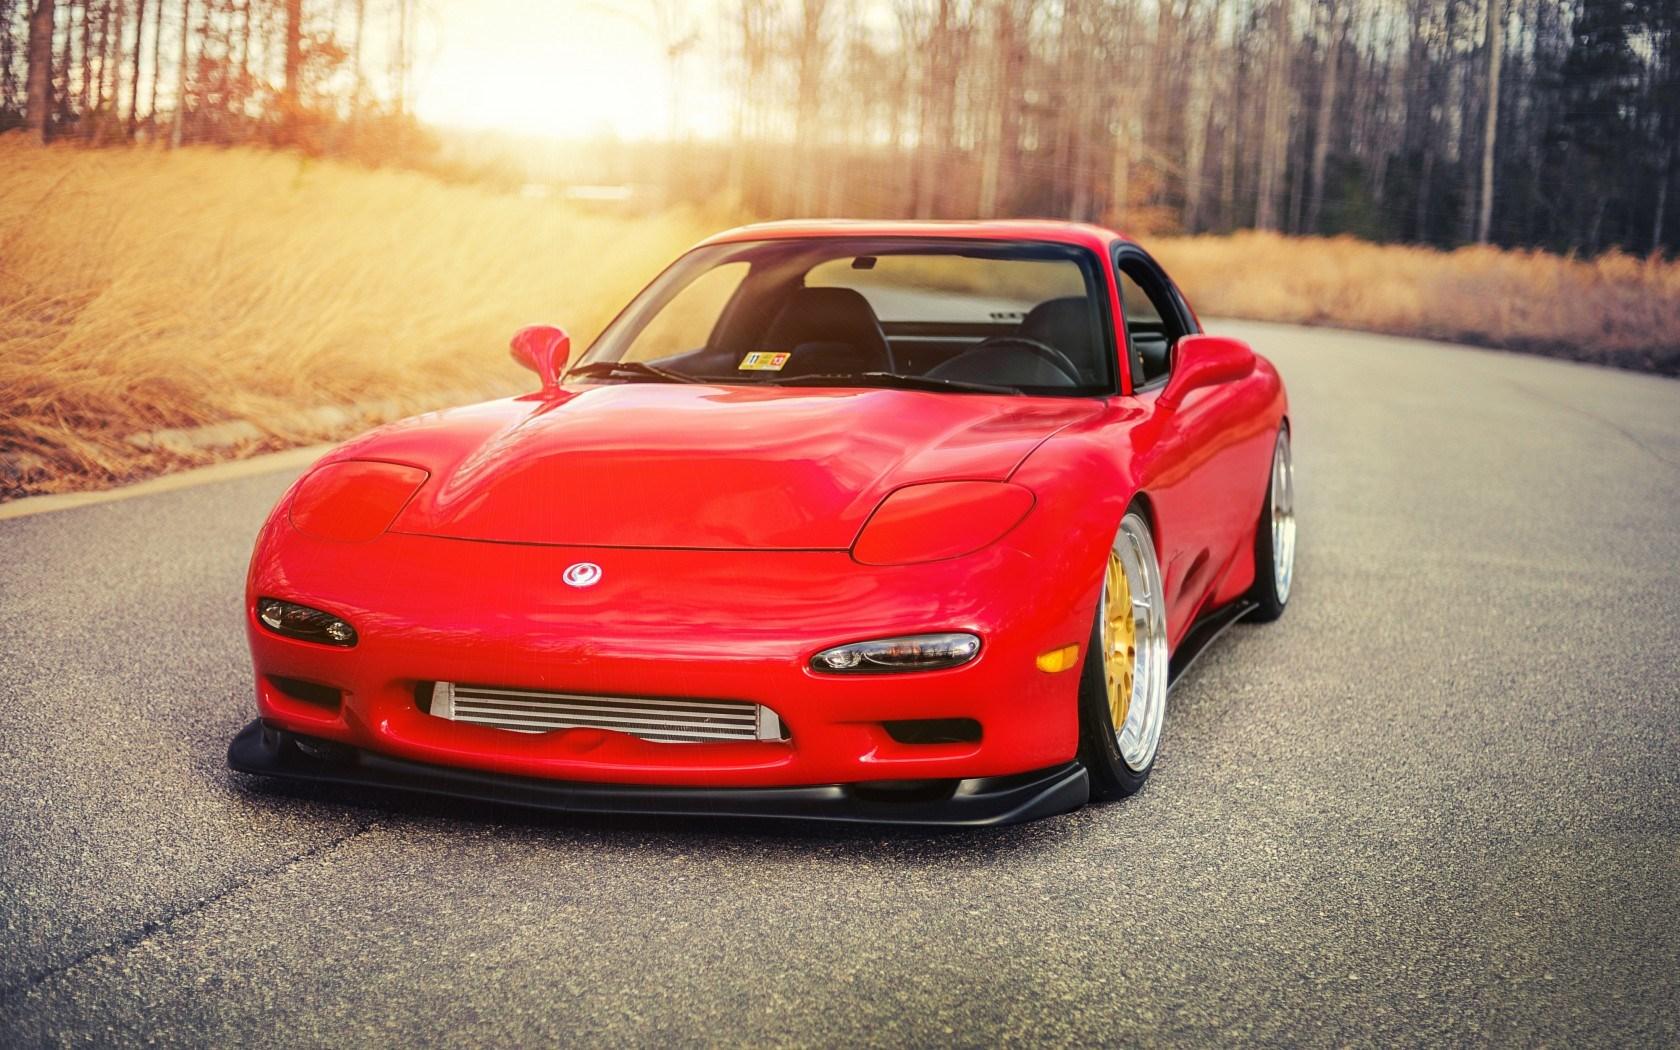 Mazda RX-7 Tuning Car Red